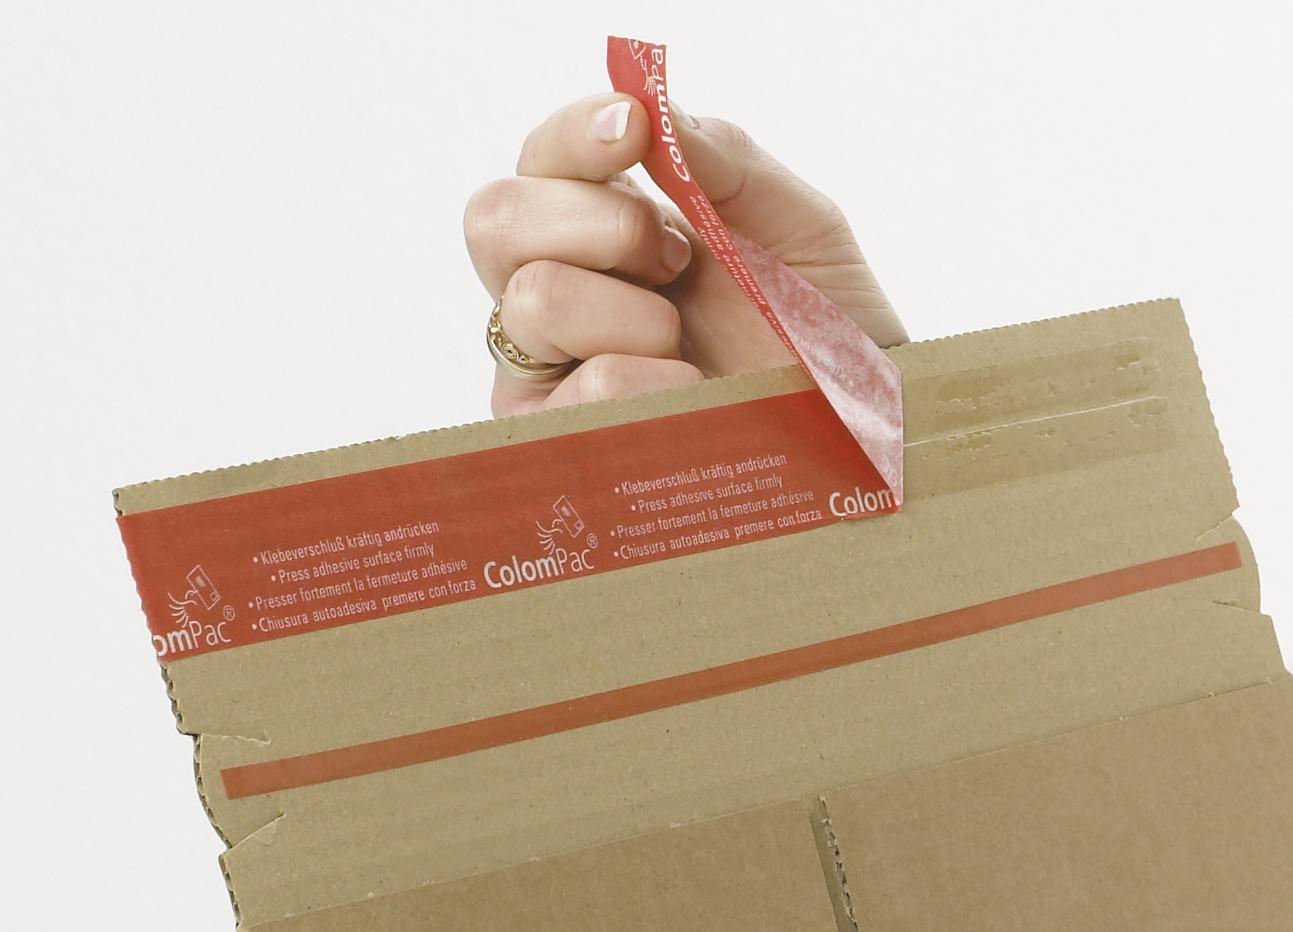 Braune Versand-Verpackung fürs Format C4 aus Wellenpappe mit Haftklebeverschluss